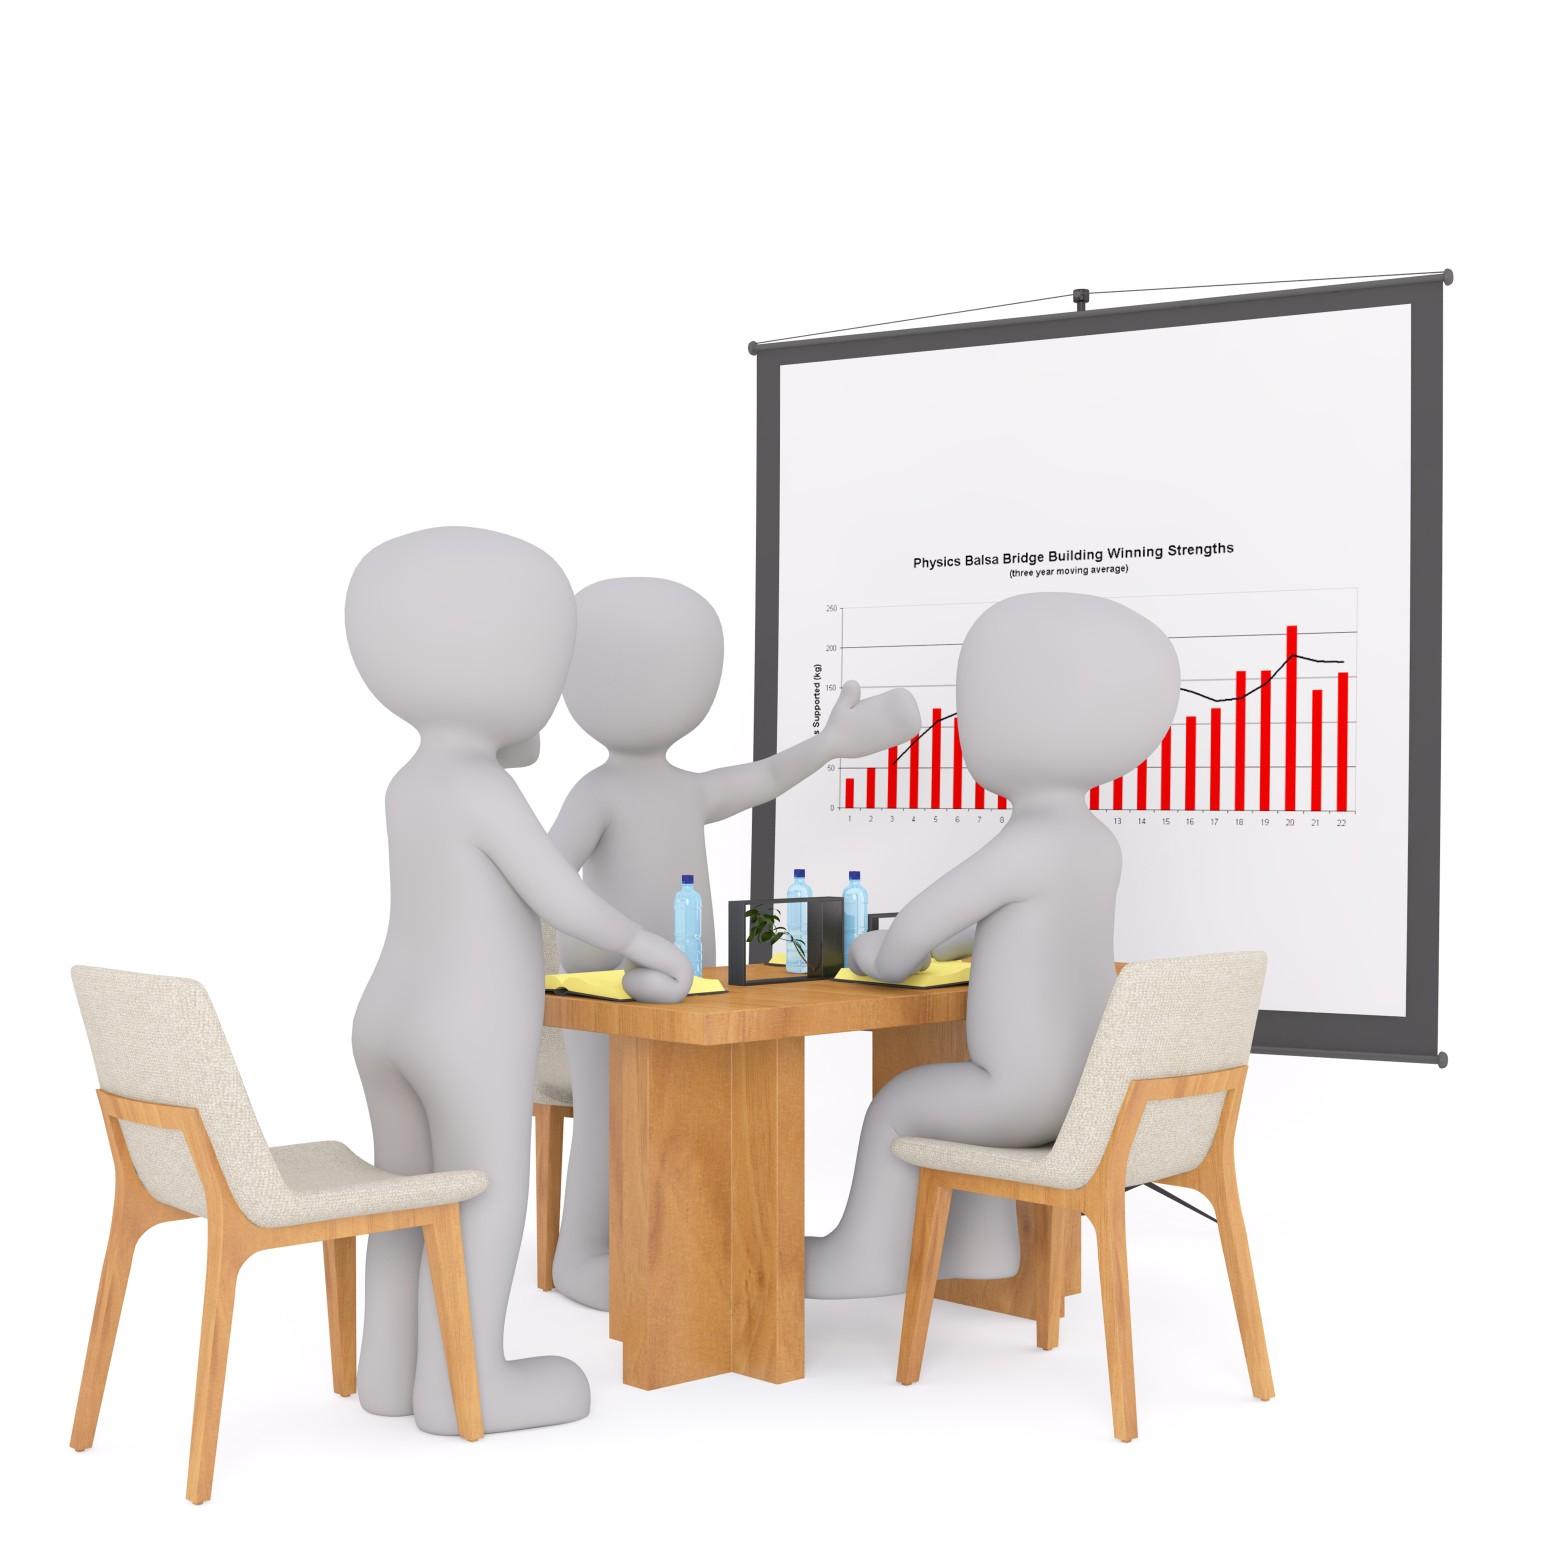 Bonhomme blanc 3d groupe r union business images gratuites - Dessin bonhomme assis ...